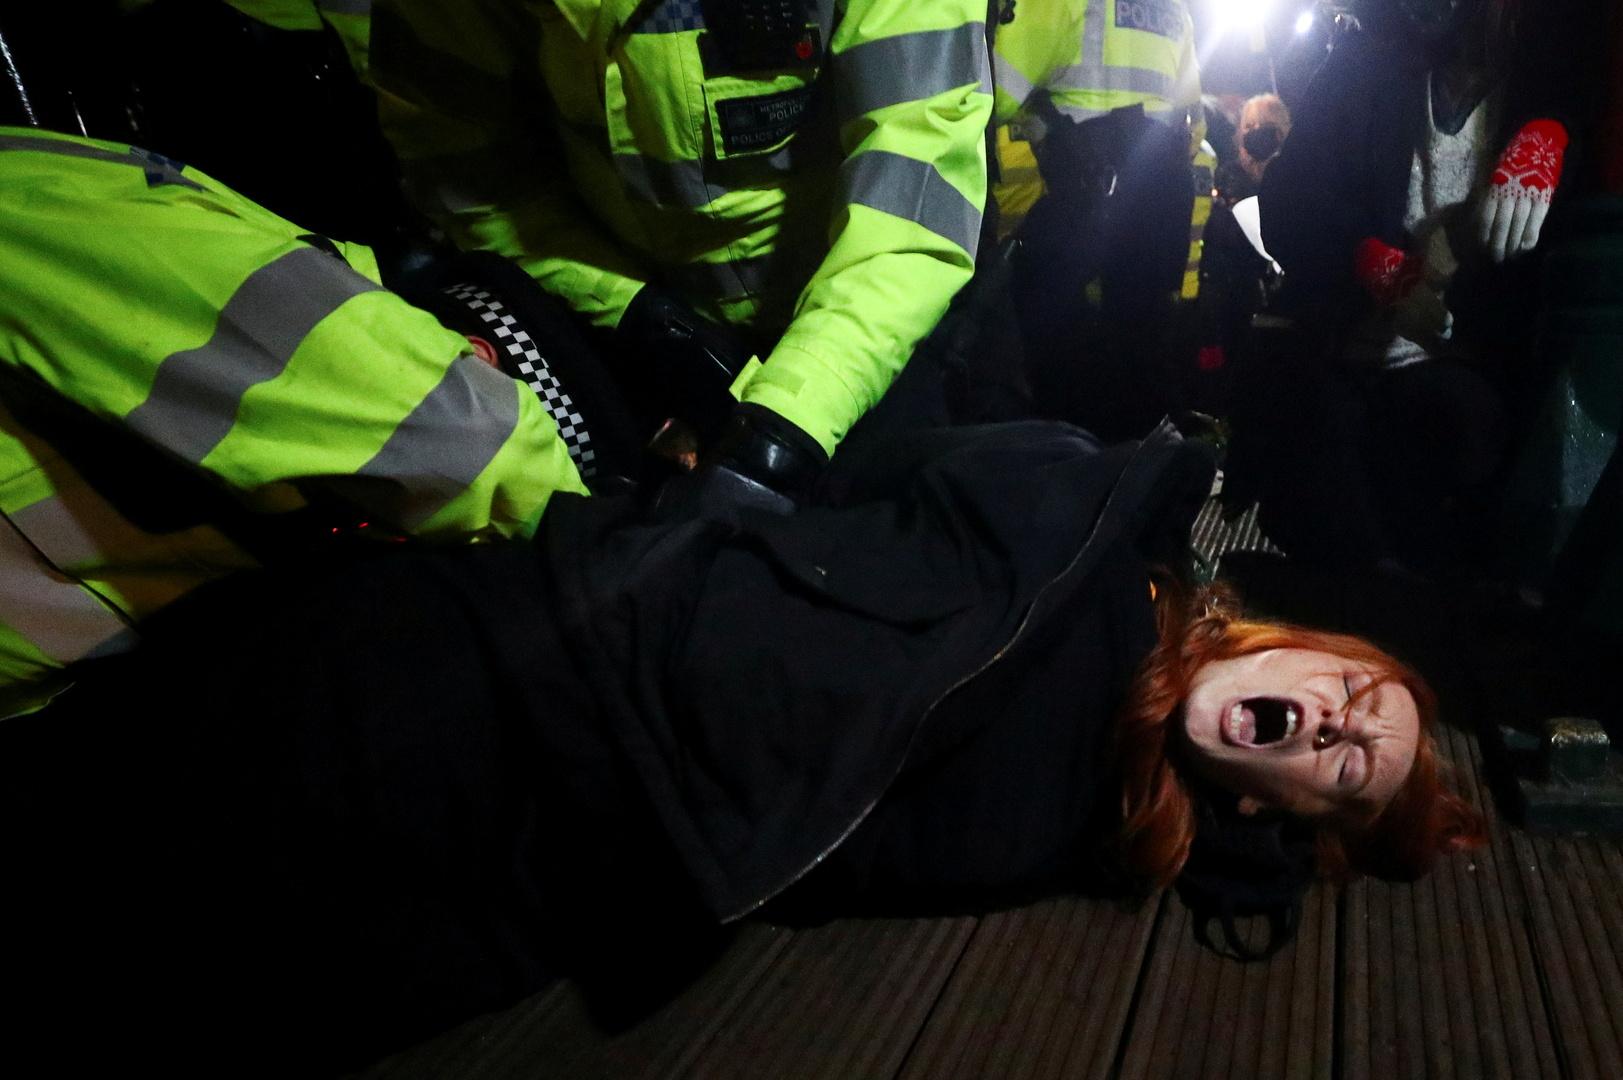 بريطانيا.. ضابط شرطة يعترف بخطفه واغتصابه امرأة